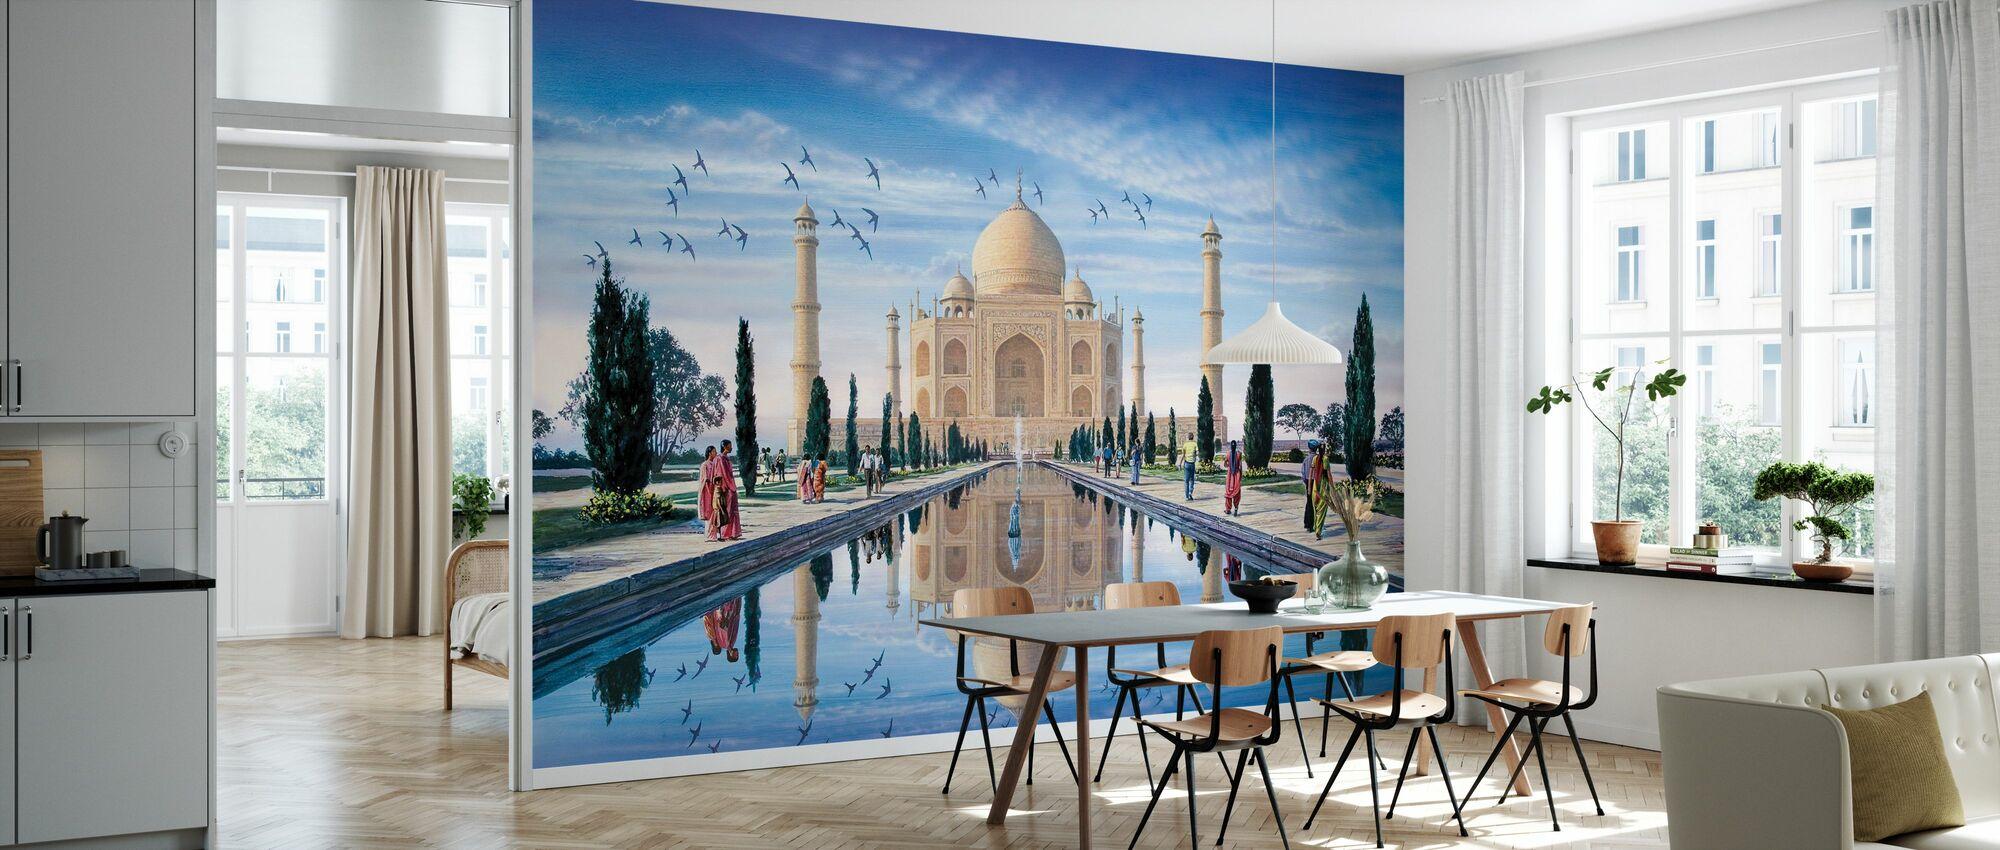 Taj Mahal - Wallpaper - Kitchen